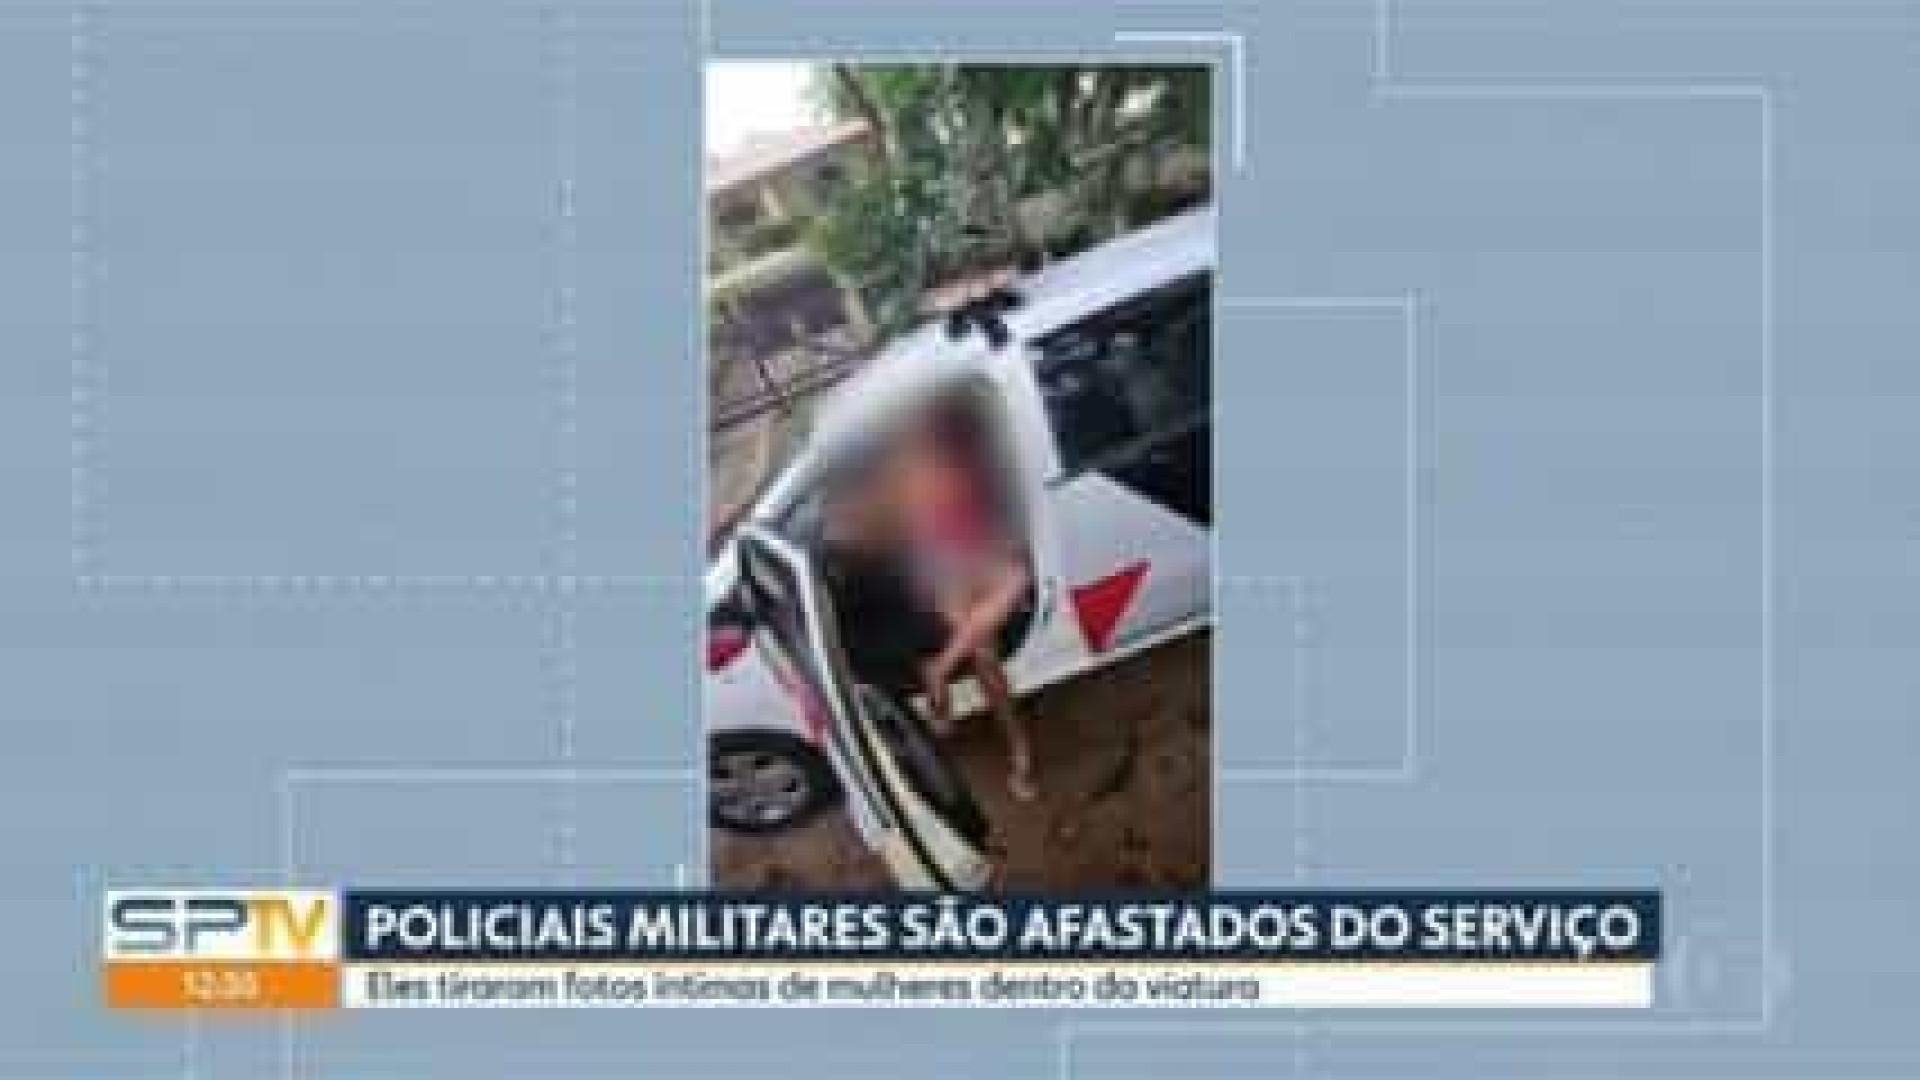 PM paulista afasta soldados por foto de mulheres com seios à mostra em viatura